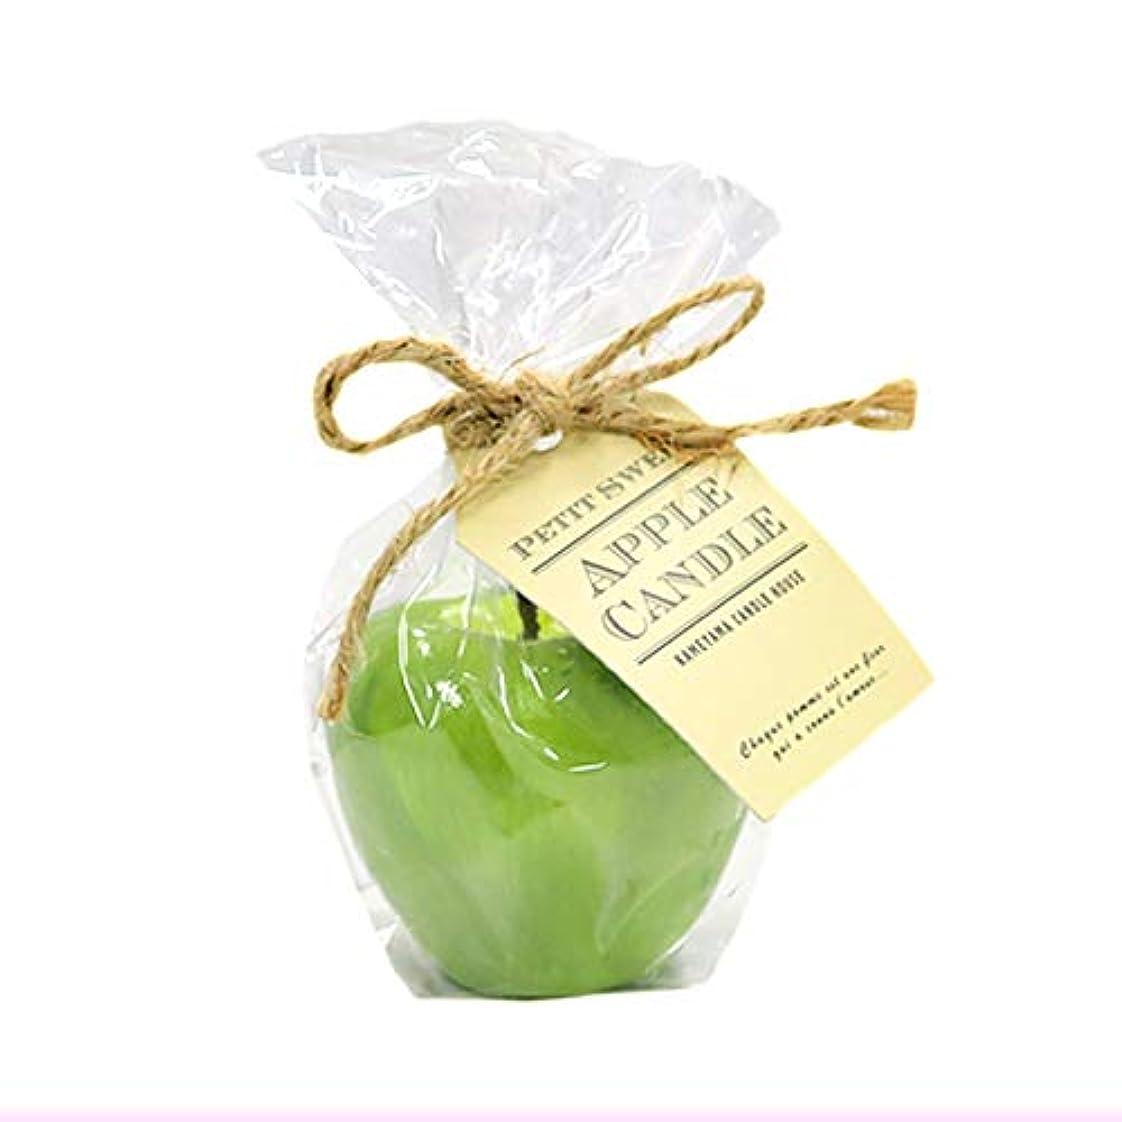 会話型告発者十二カメヤマキャンドルハウス プチスイートアップルフローティングキャンドル グリーン アップルの香りつき